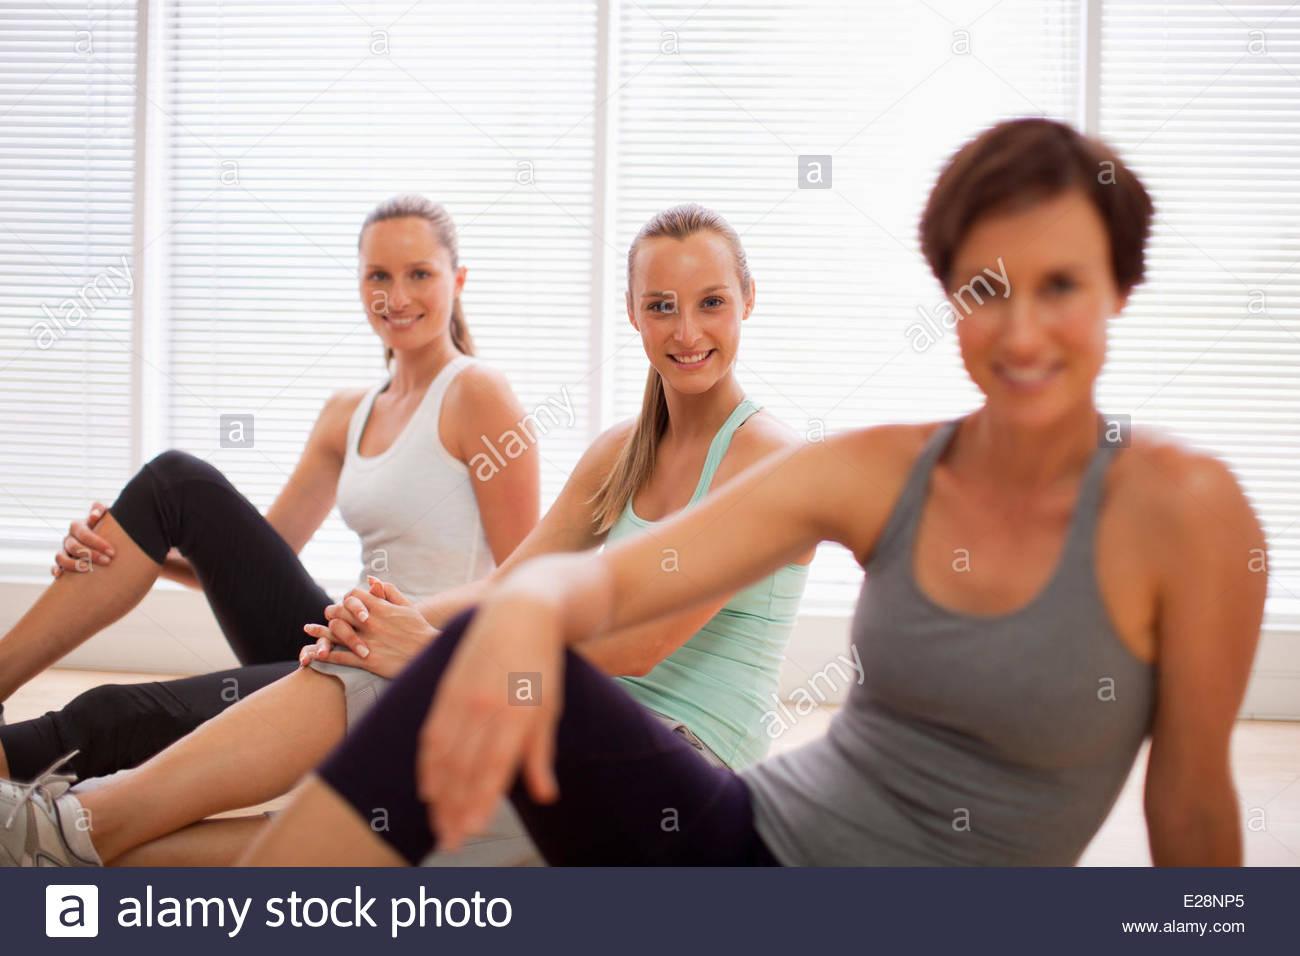 Retrato de mujer sonriente sentado en una fila de fitness studio Imagen De Stock